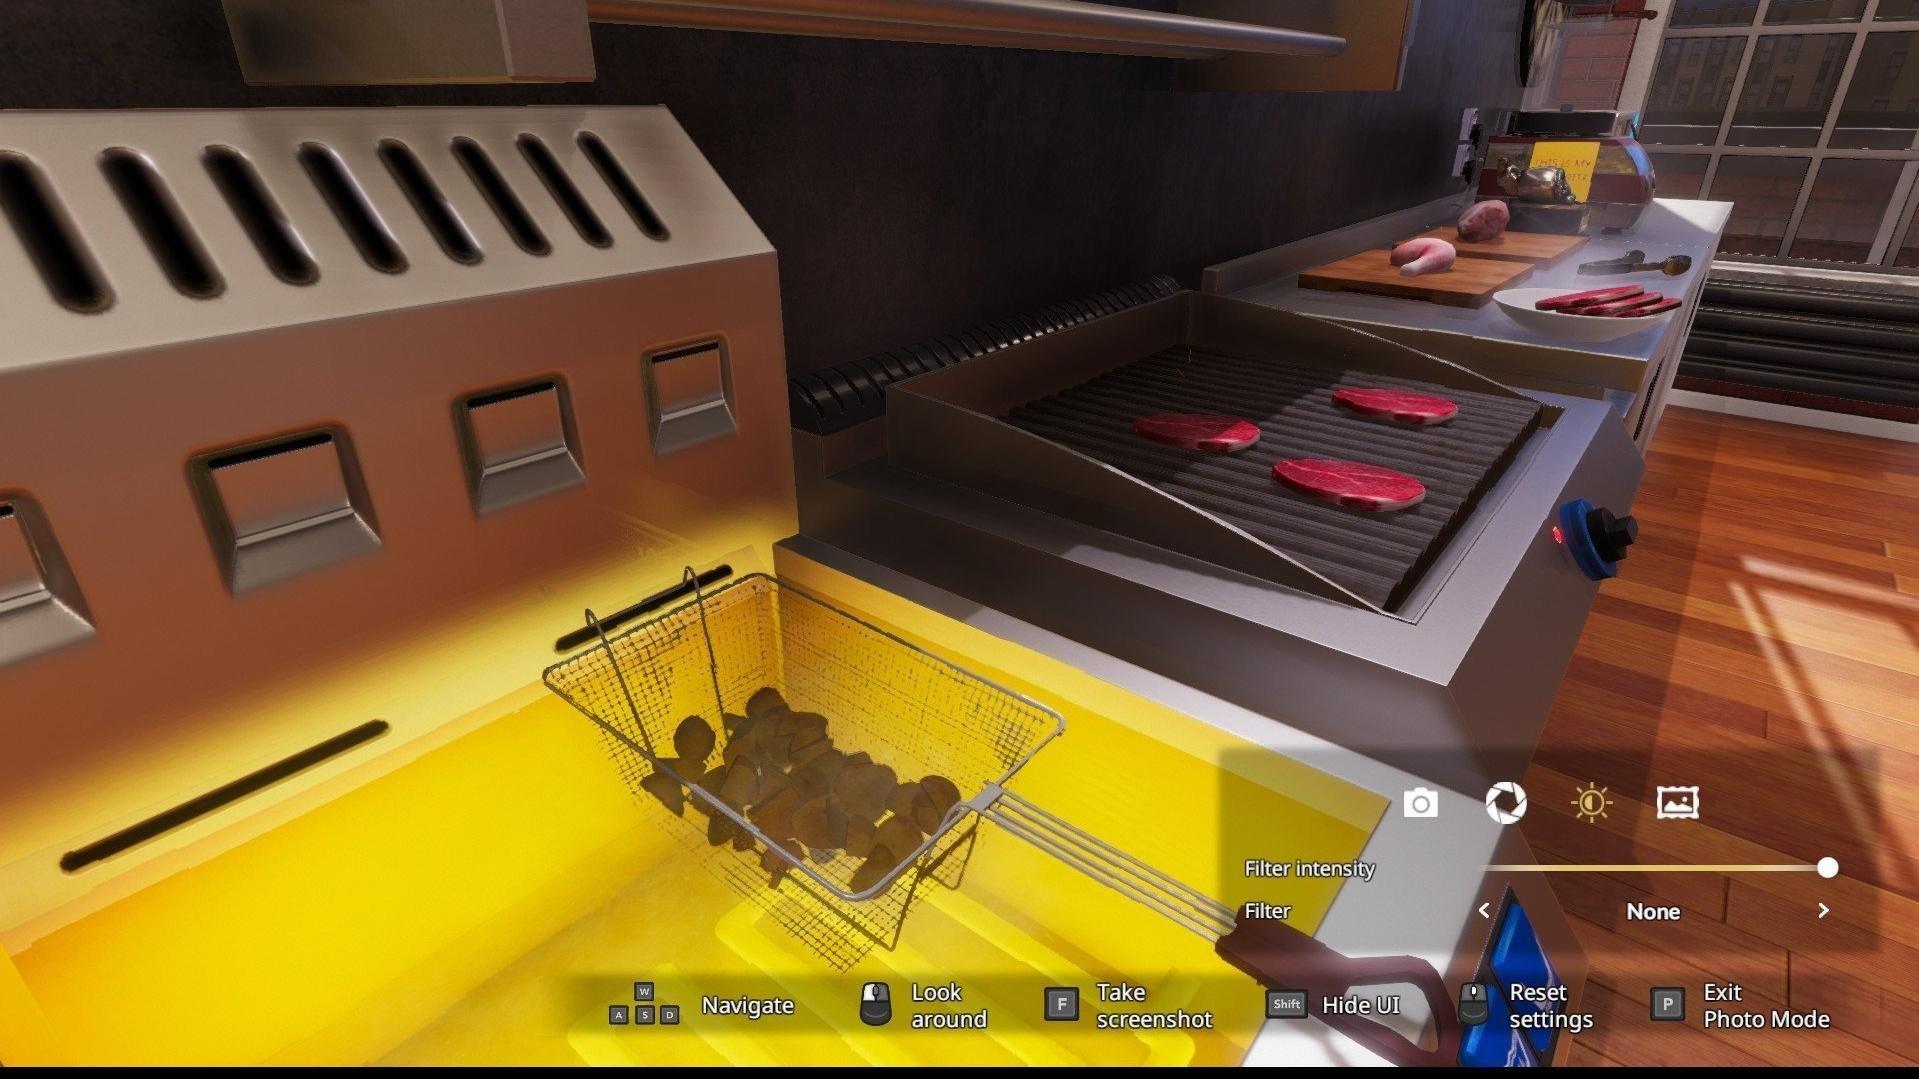 Скриншот к игре Cooking Simulator v.2.2.8 [GOG] (2019) скачать торрент Лицензия